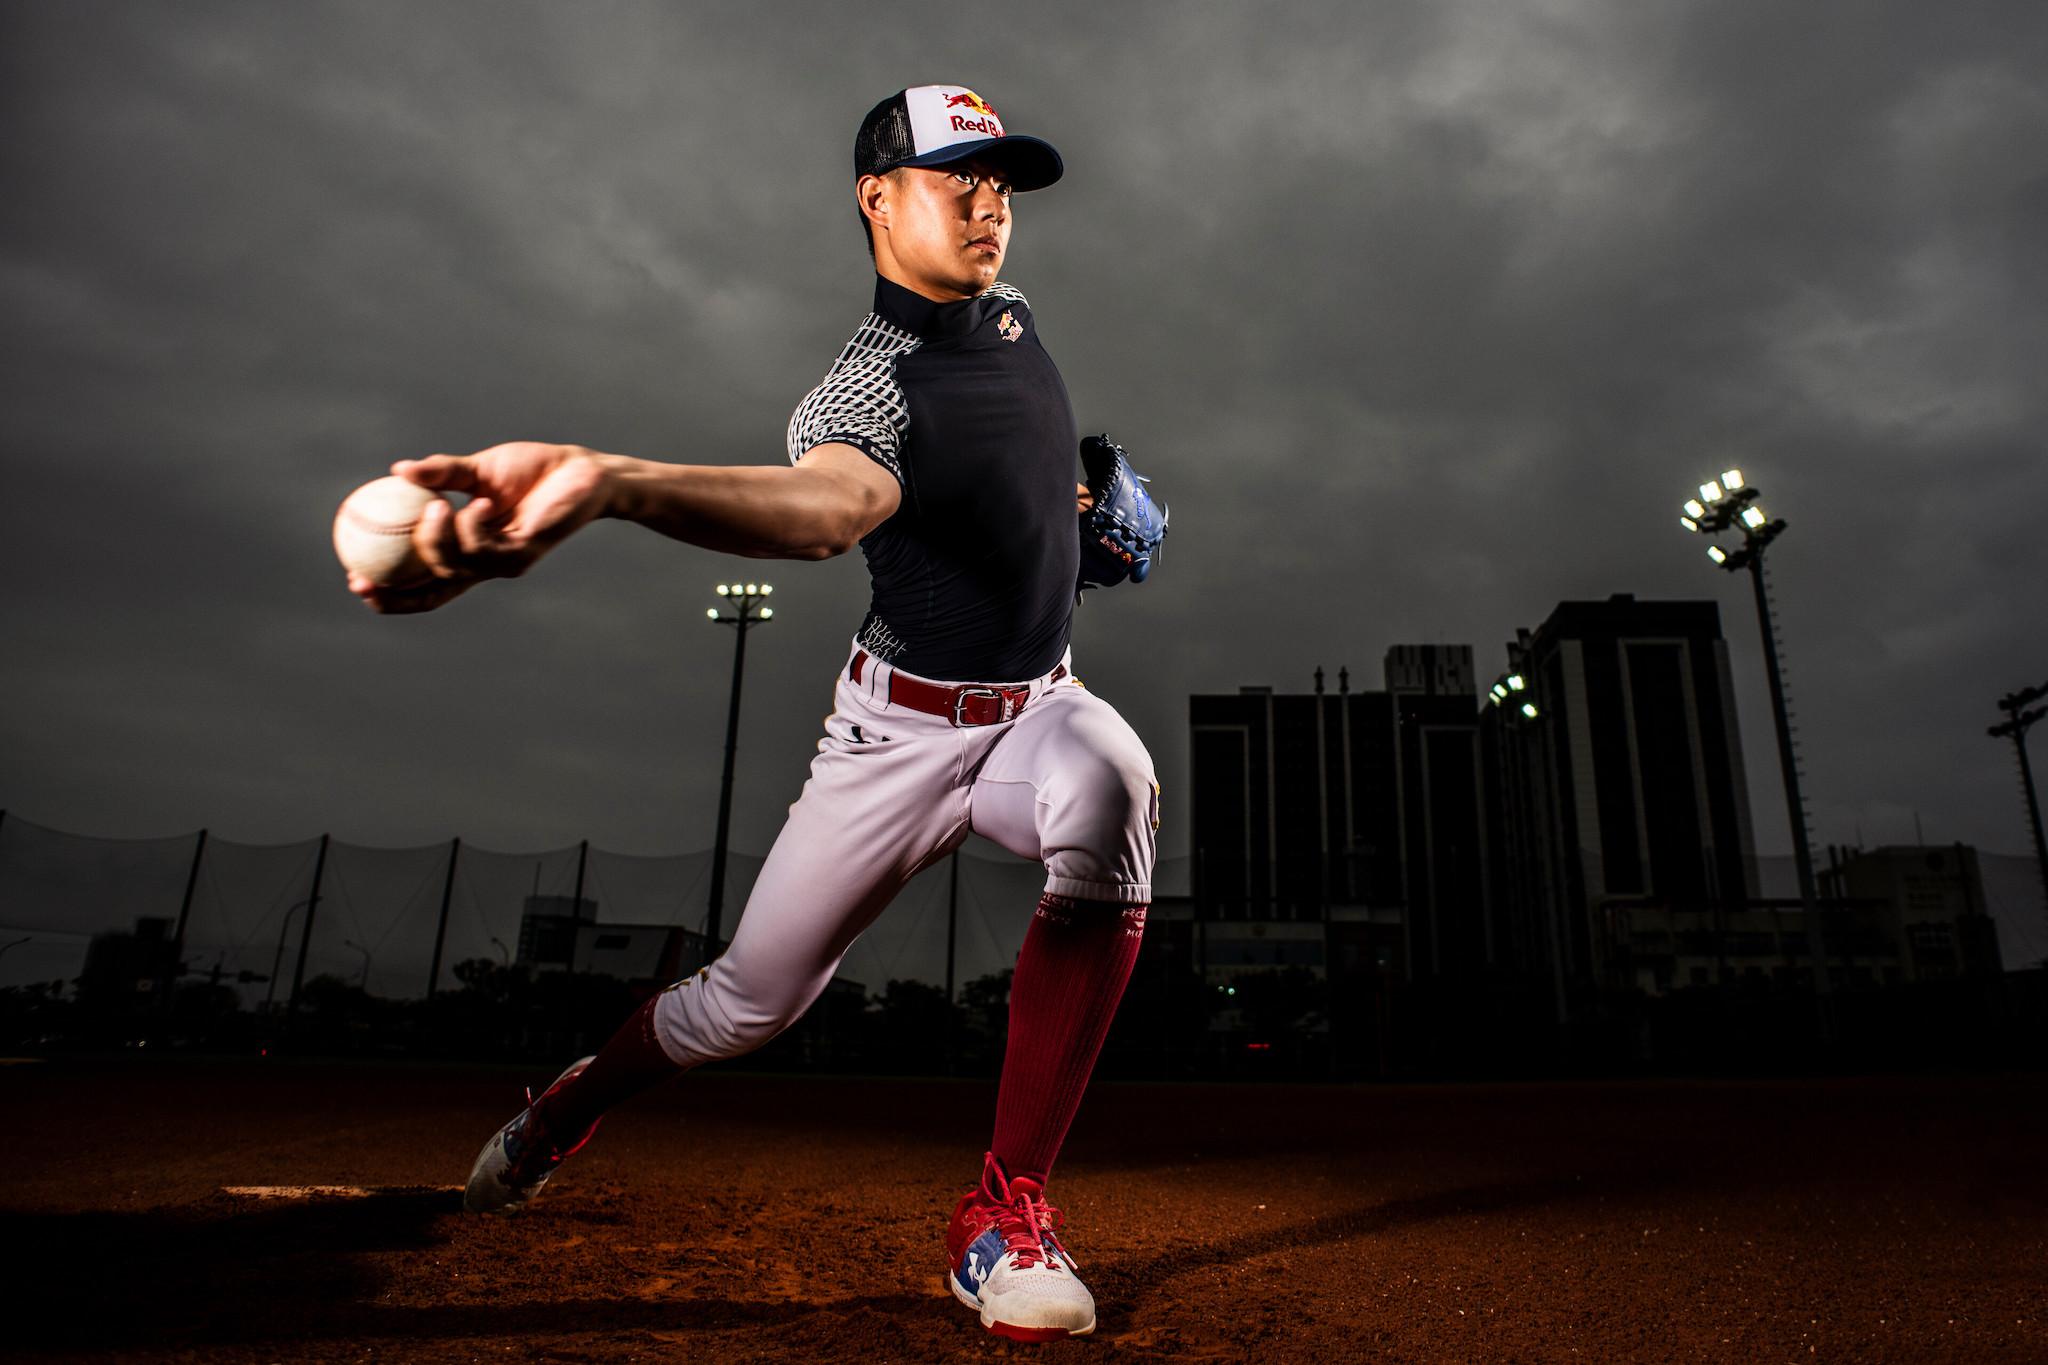 圖為台灣被選中為 2020 Red Bull 精彩回顧集錦之一:Red Bull 棒球運動員黃子鵬,特色低肩側投的投球瞬間。